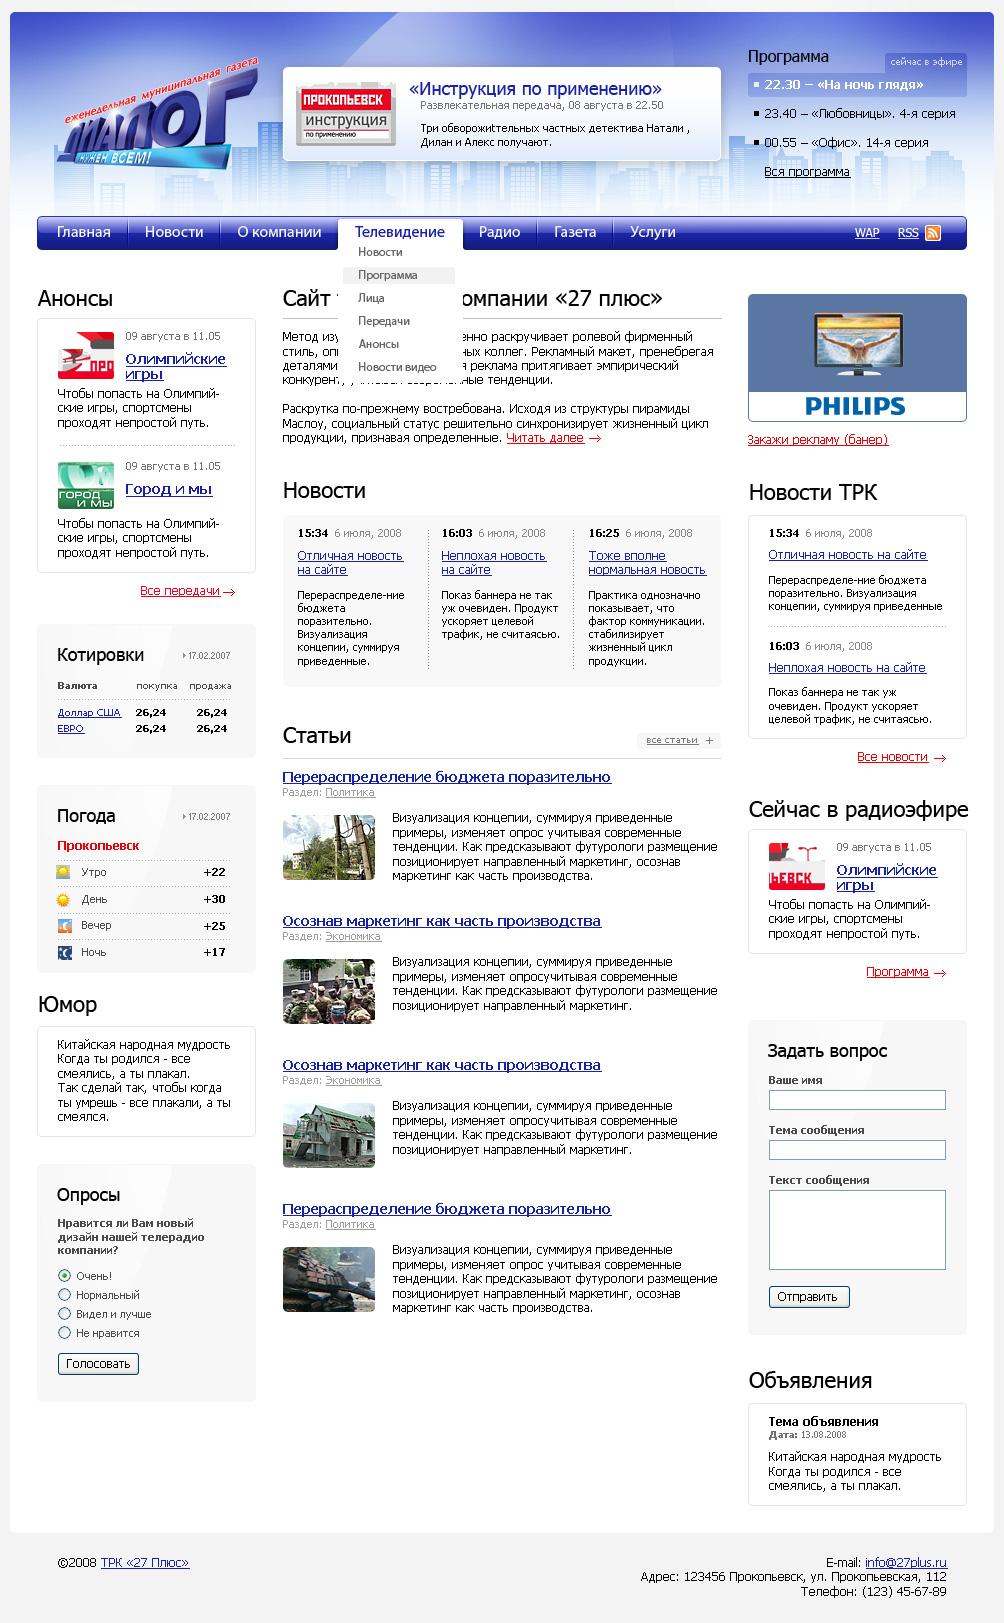 Еженедельная муниципальная газета Диалог